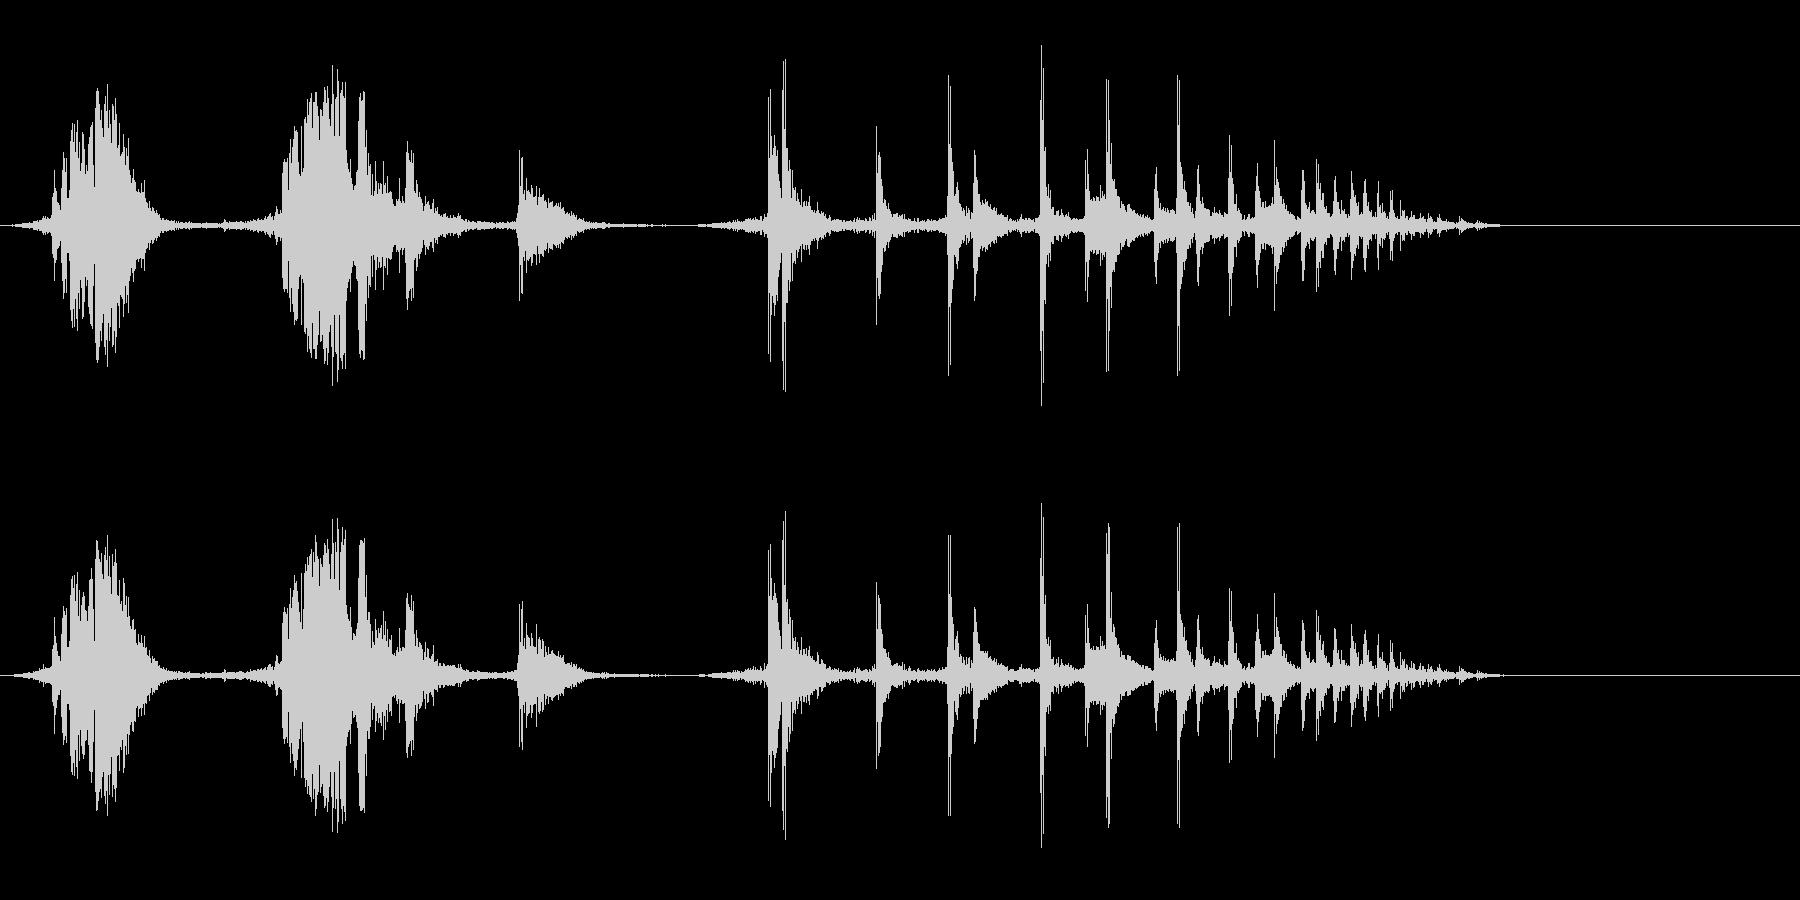 リロードしてから薬莢が落ちる音の未再生の波形